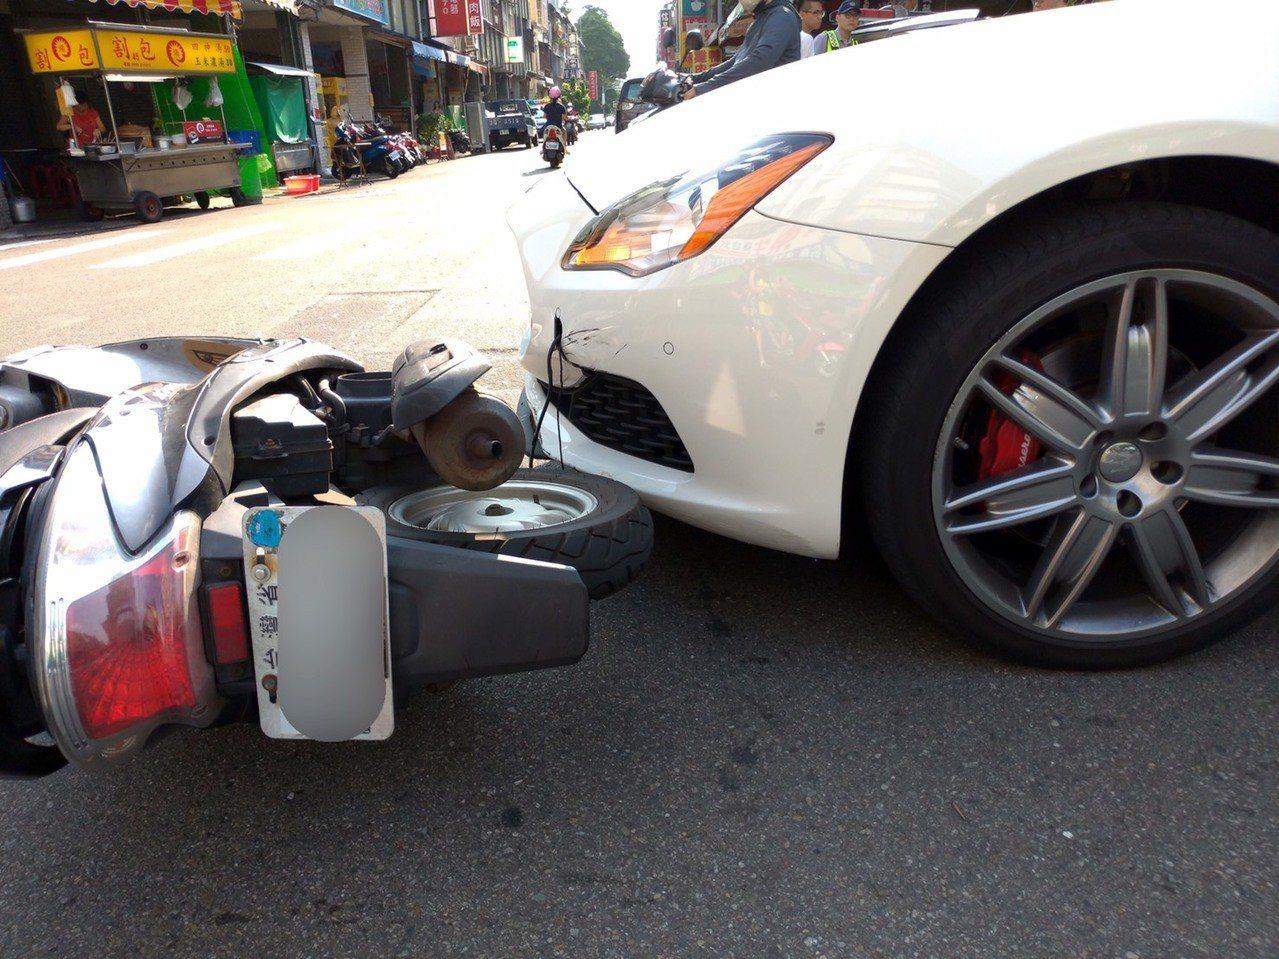 瑪莎拉蒂跑車昨天在台中市和機車擦撞。記者游振昇/翻攝